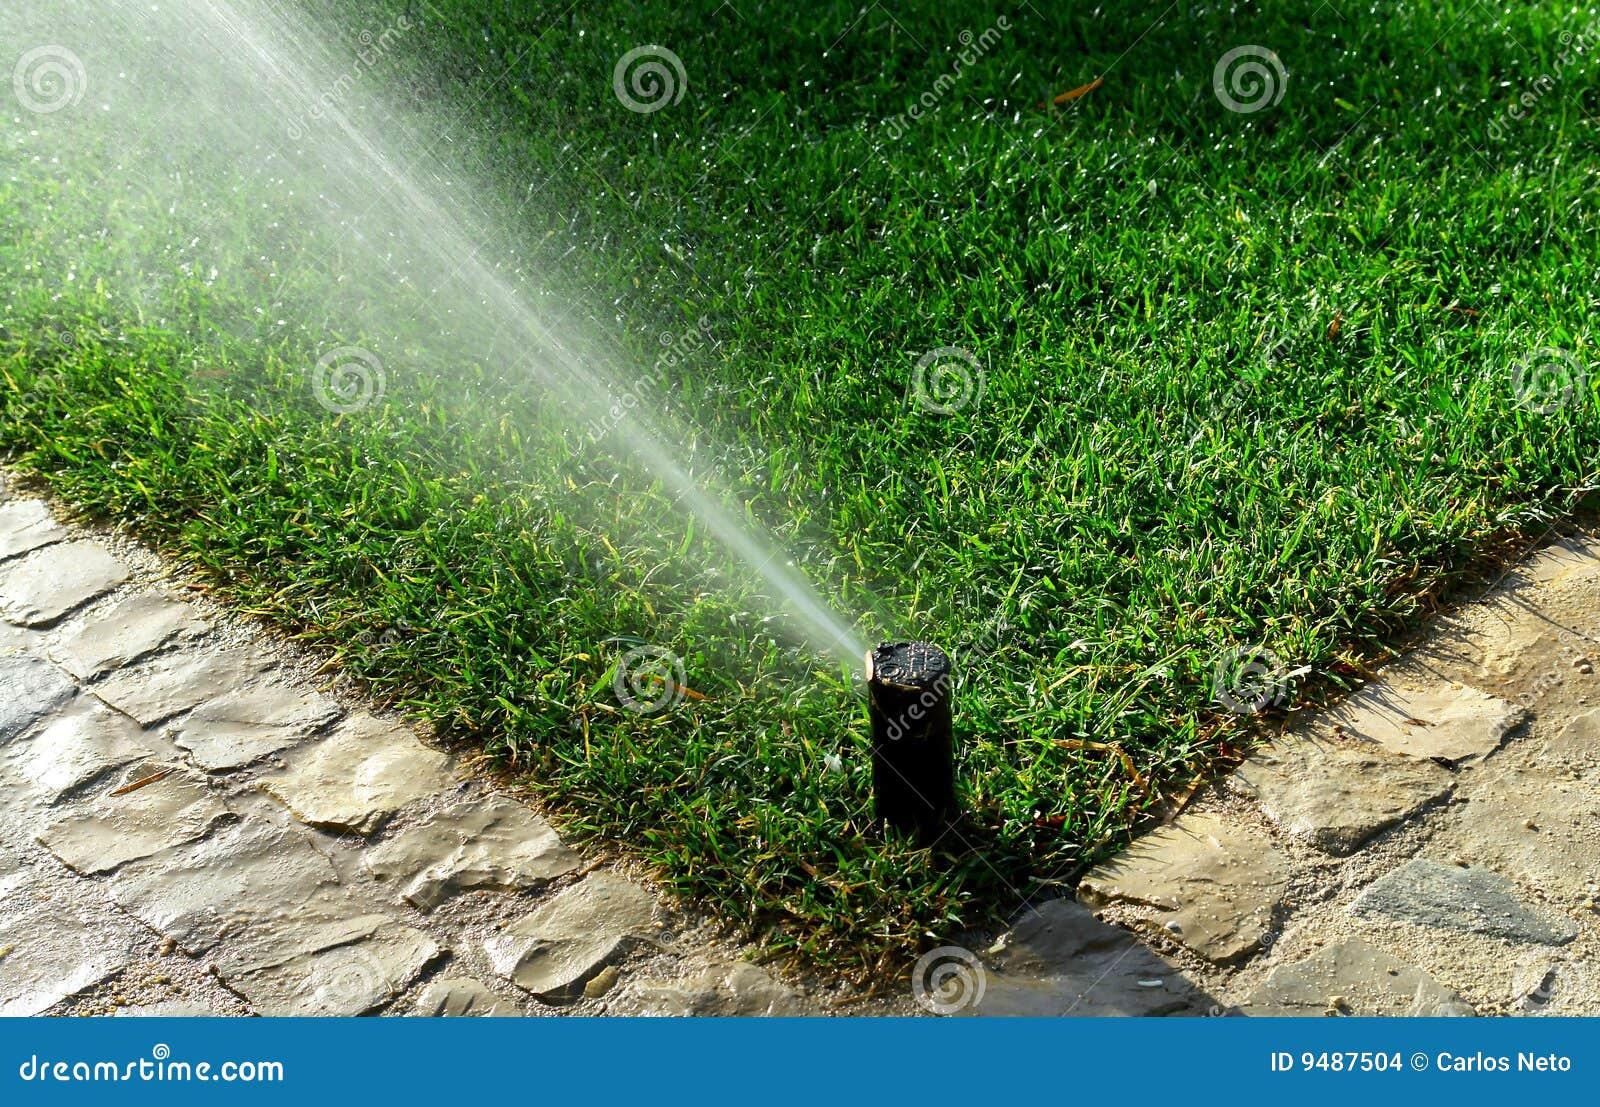 Impianto di irrigazione del giardino immagini stock for Irrigazione giardino